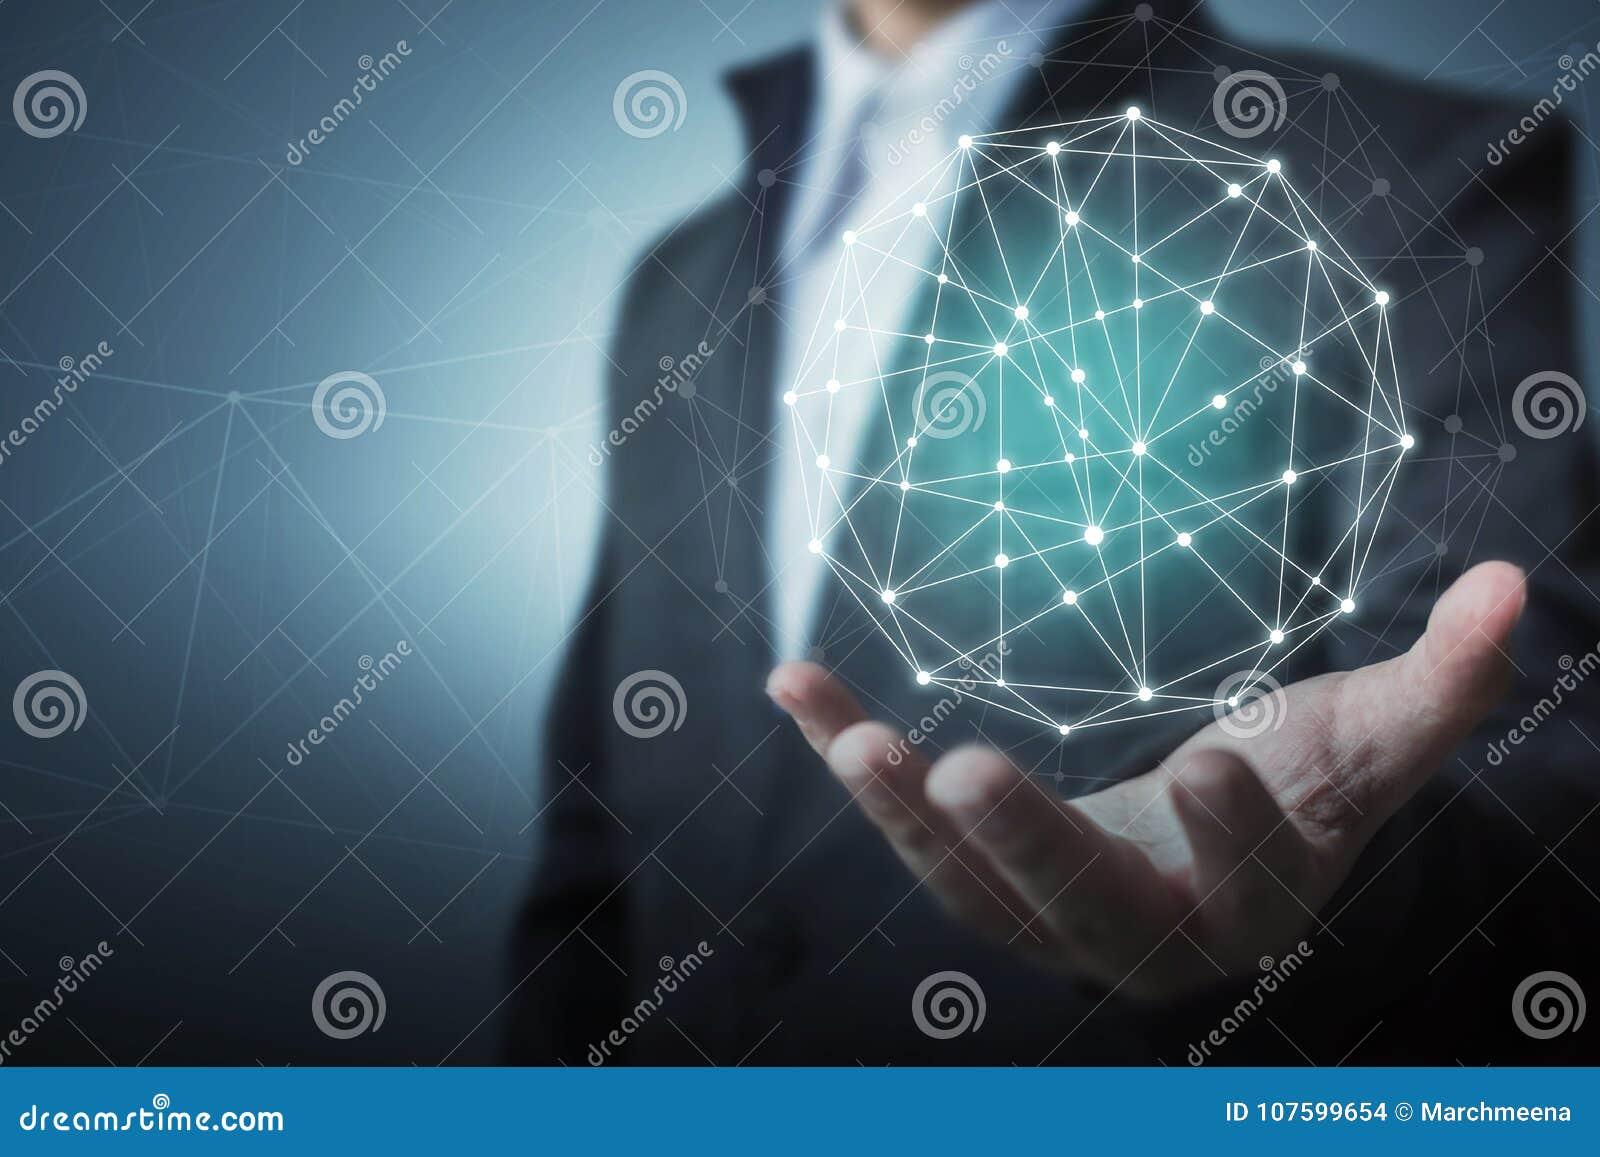 Kreis-Network Connection Konzept des Geschäfts globales